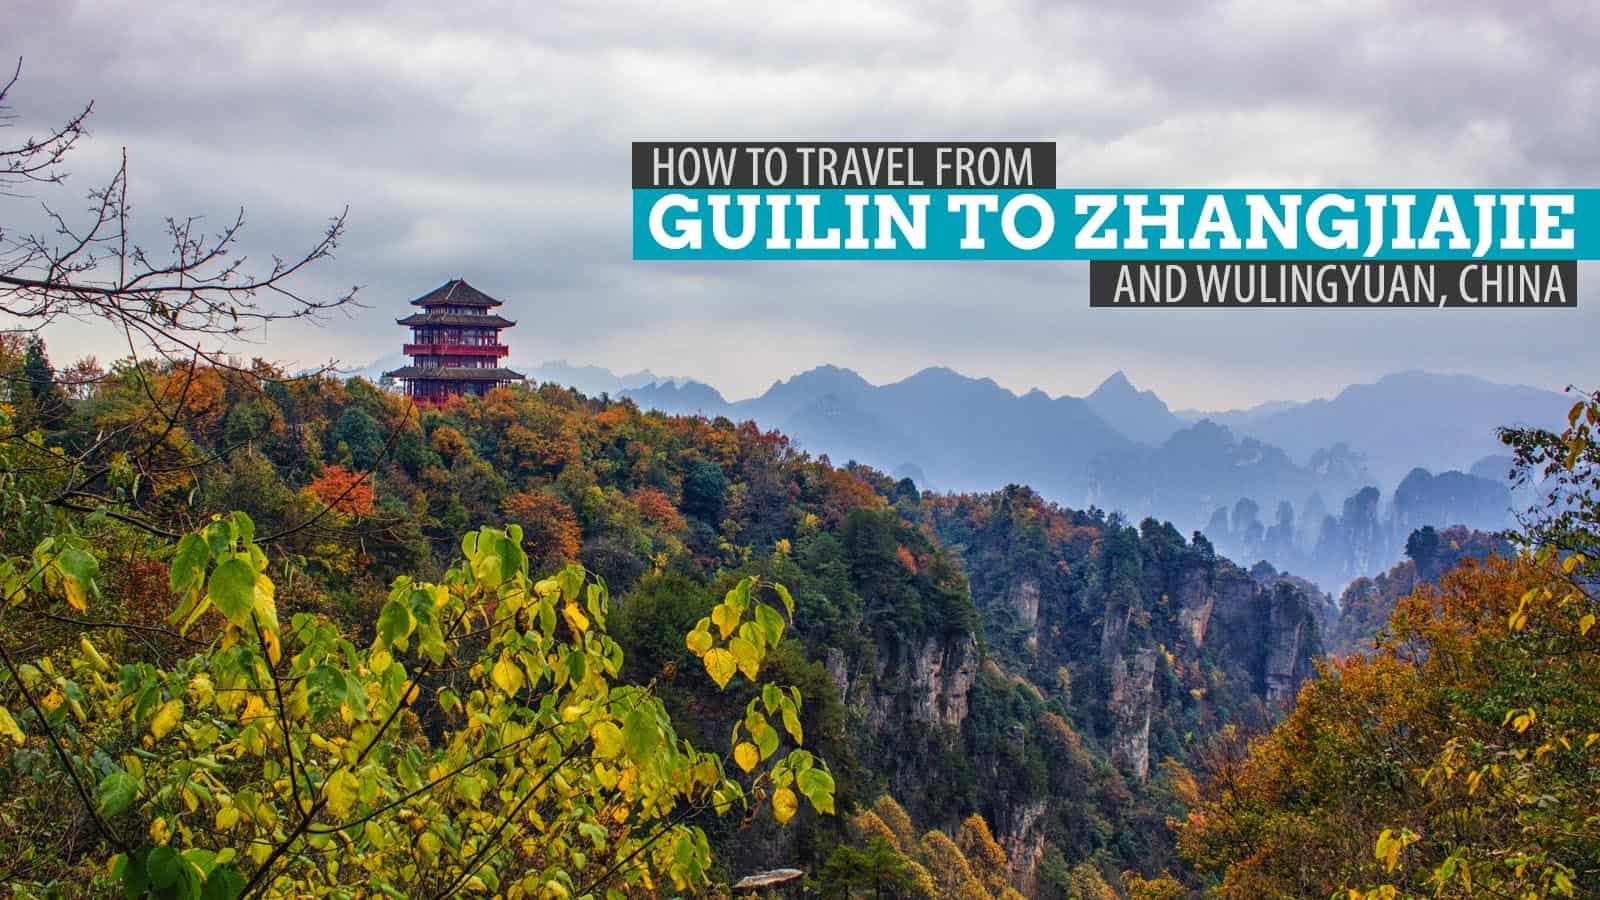 How to Get to Wulingyuan (Zhangjiajie) from Guilin, China